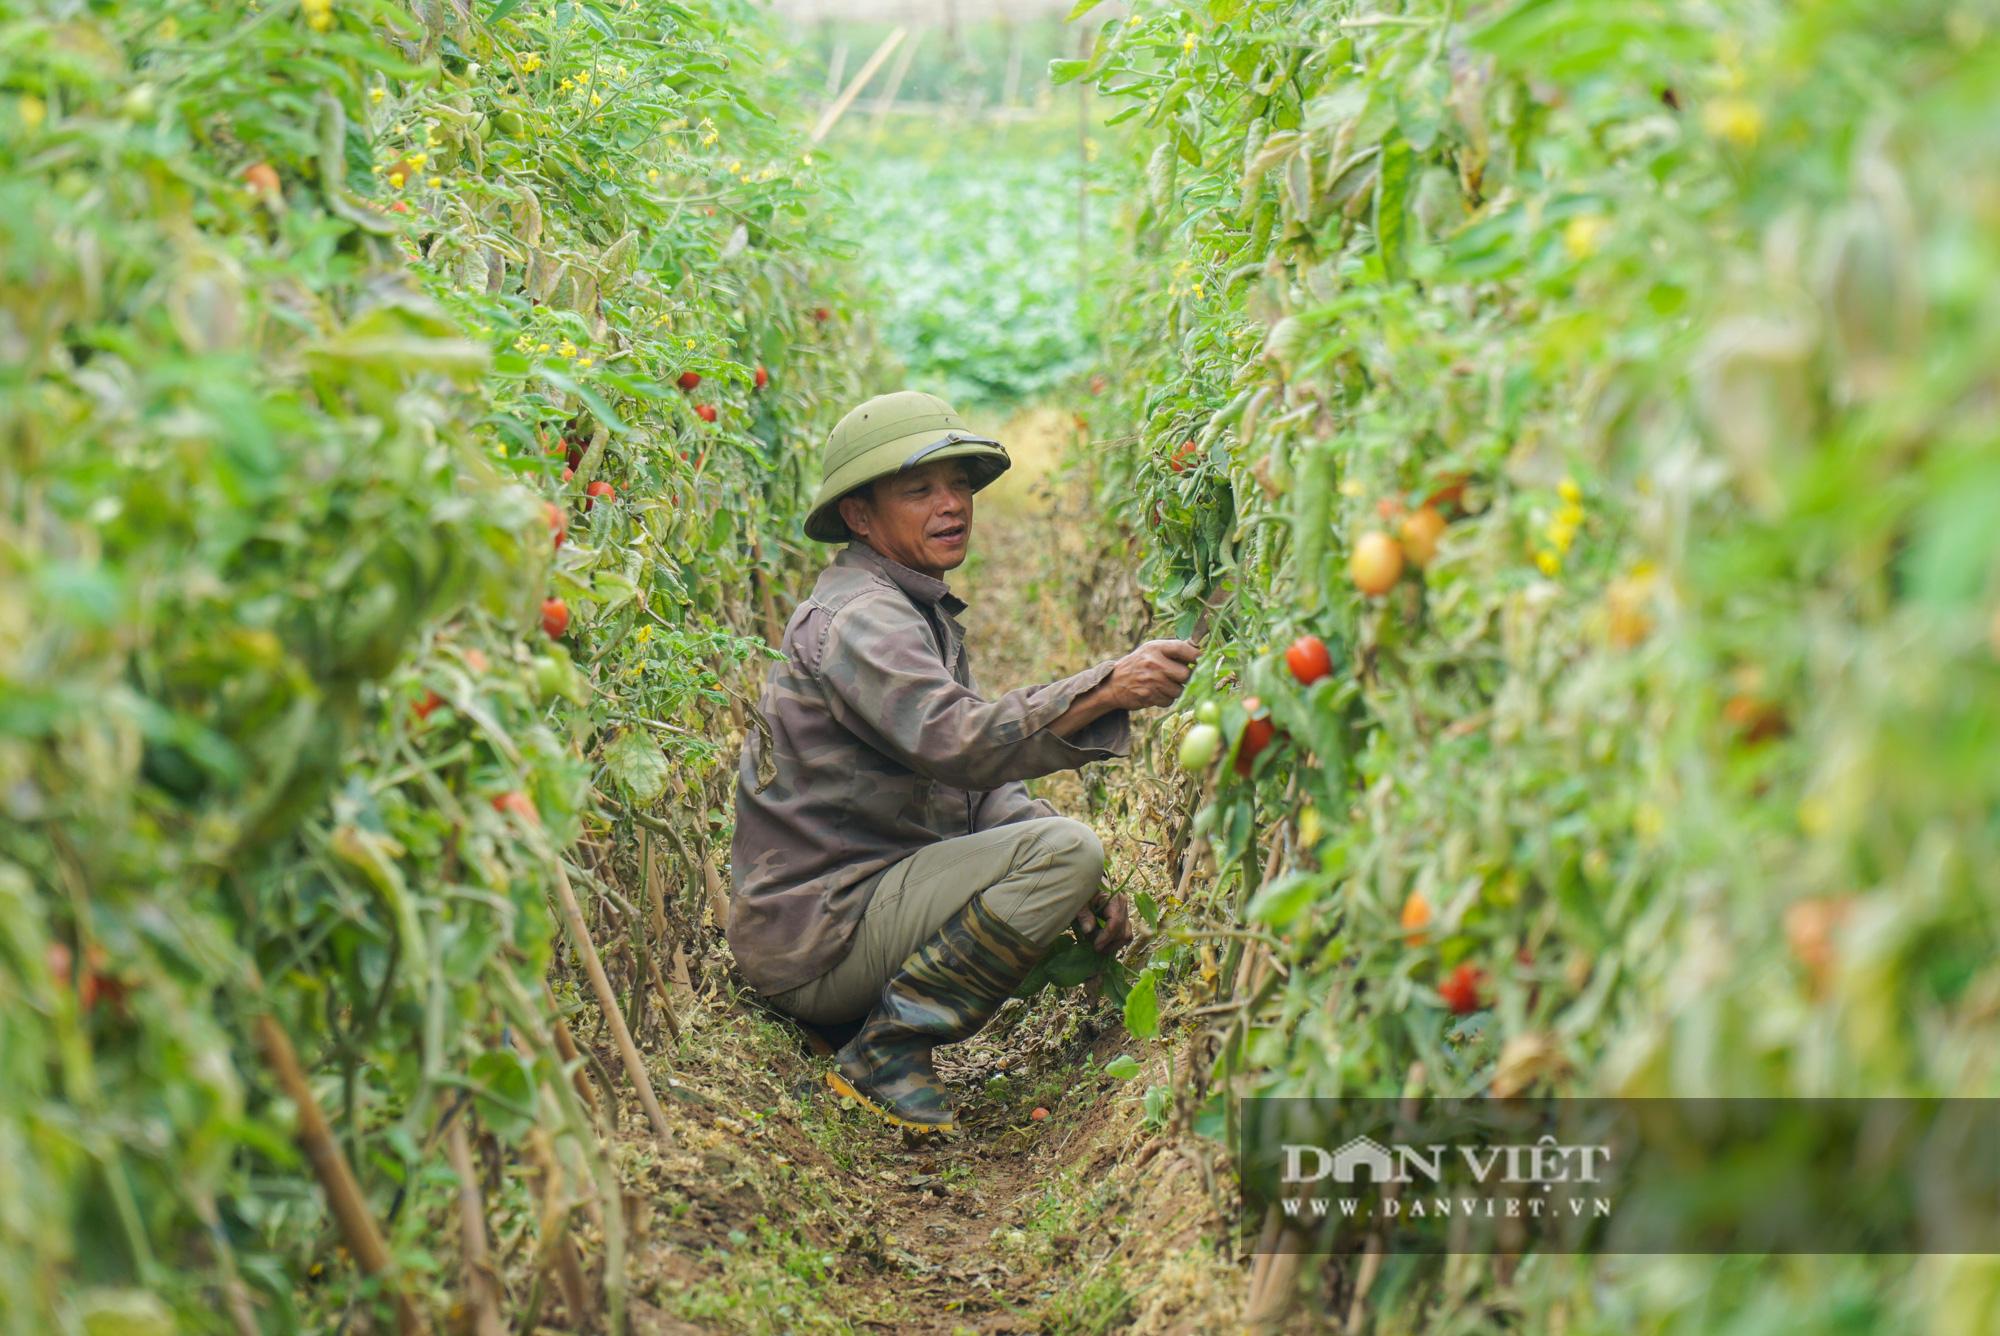 Củ cải thối phơi trắng cánh đồng, cà chua đỏ ửng không ai thu hoạch  - Ảnh 11.